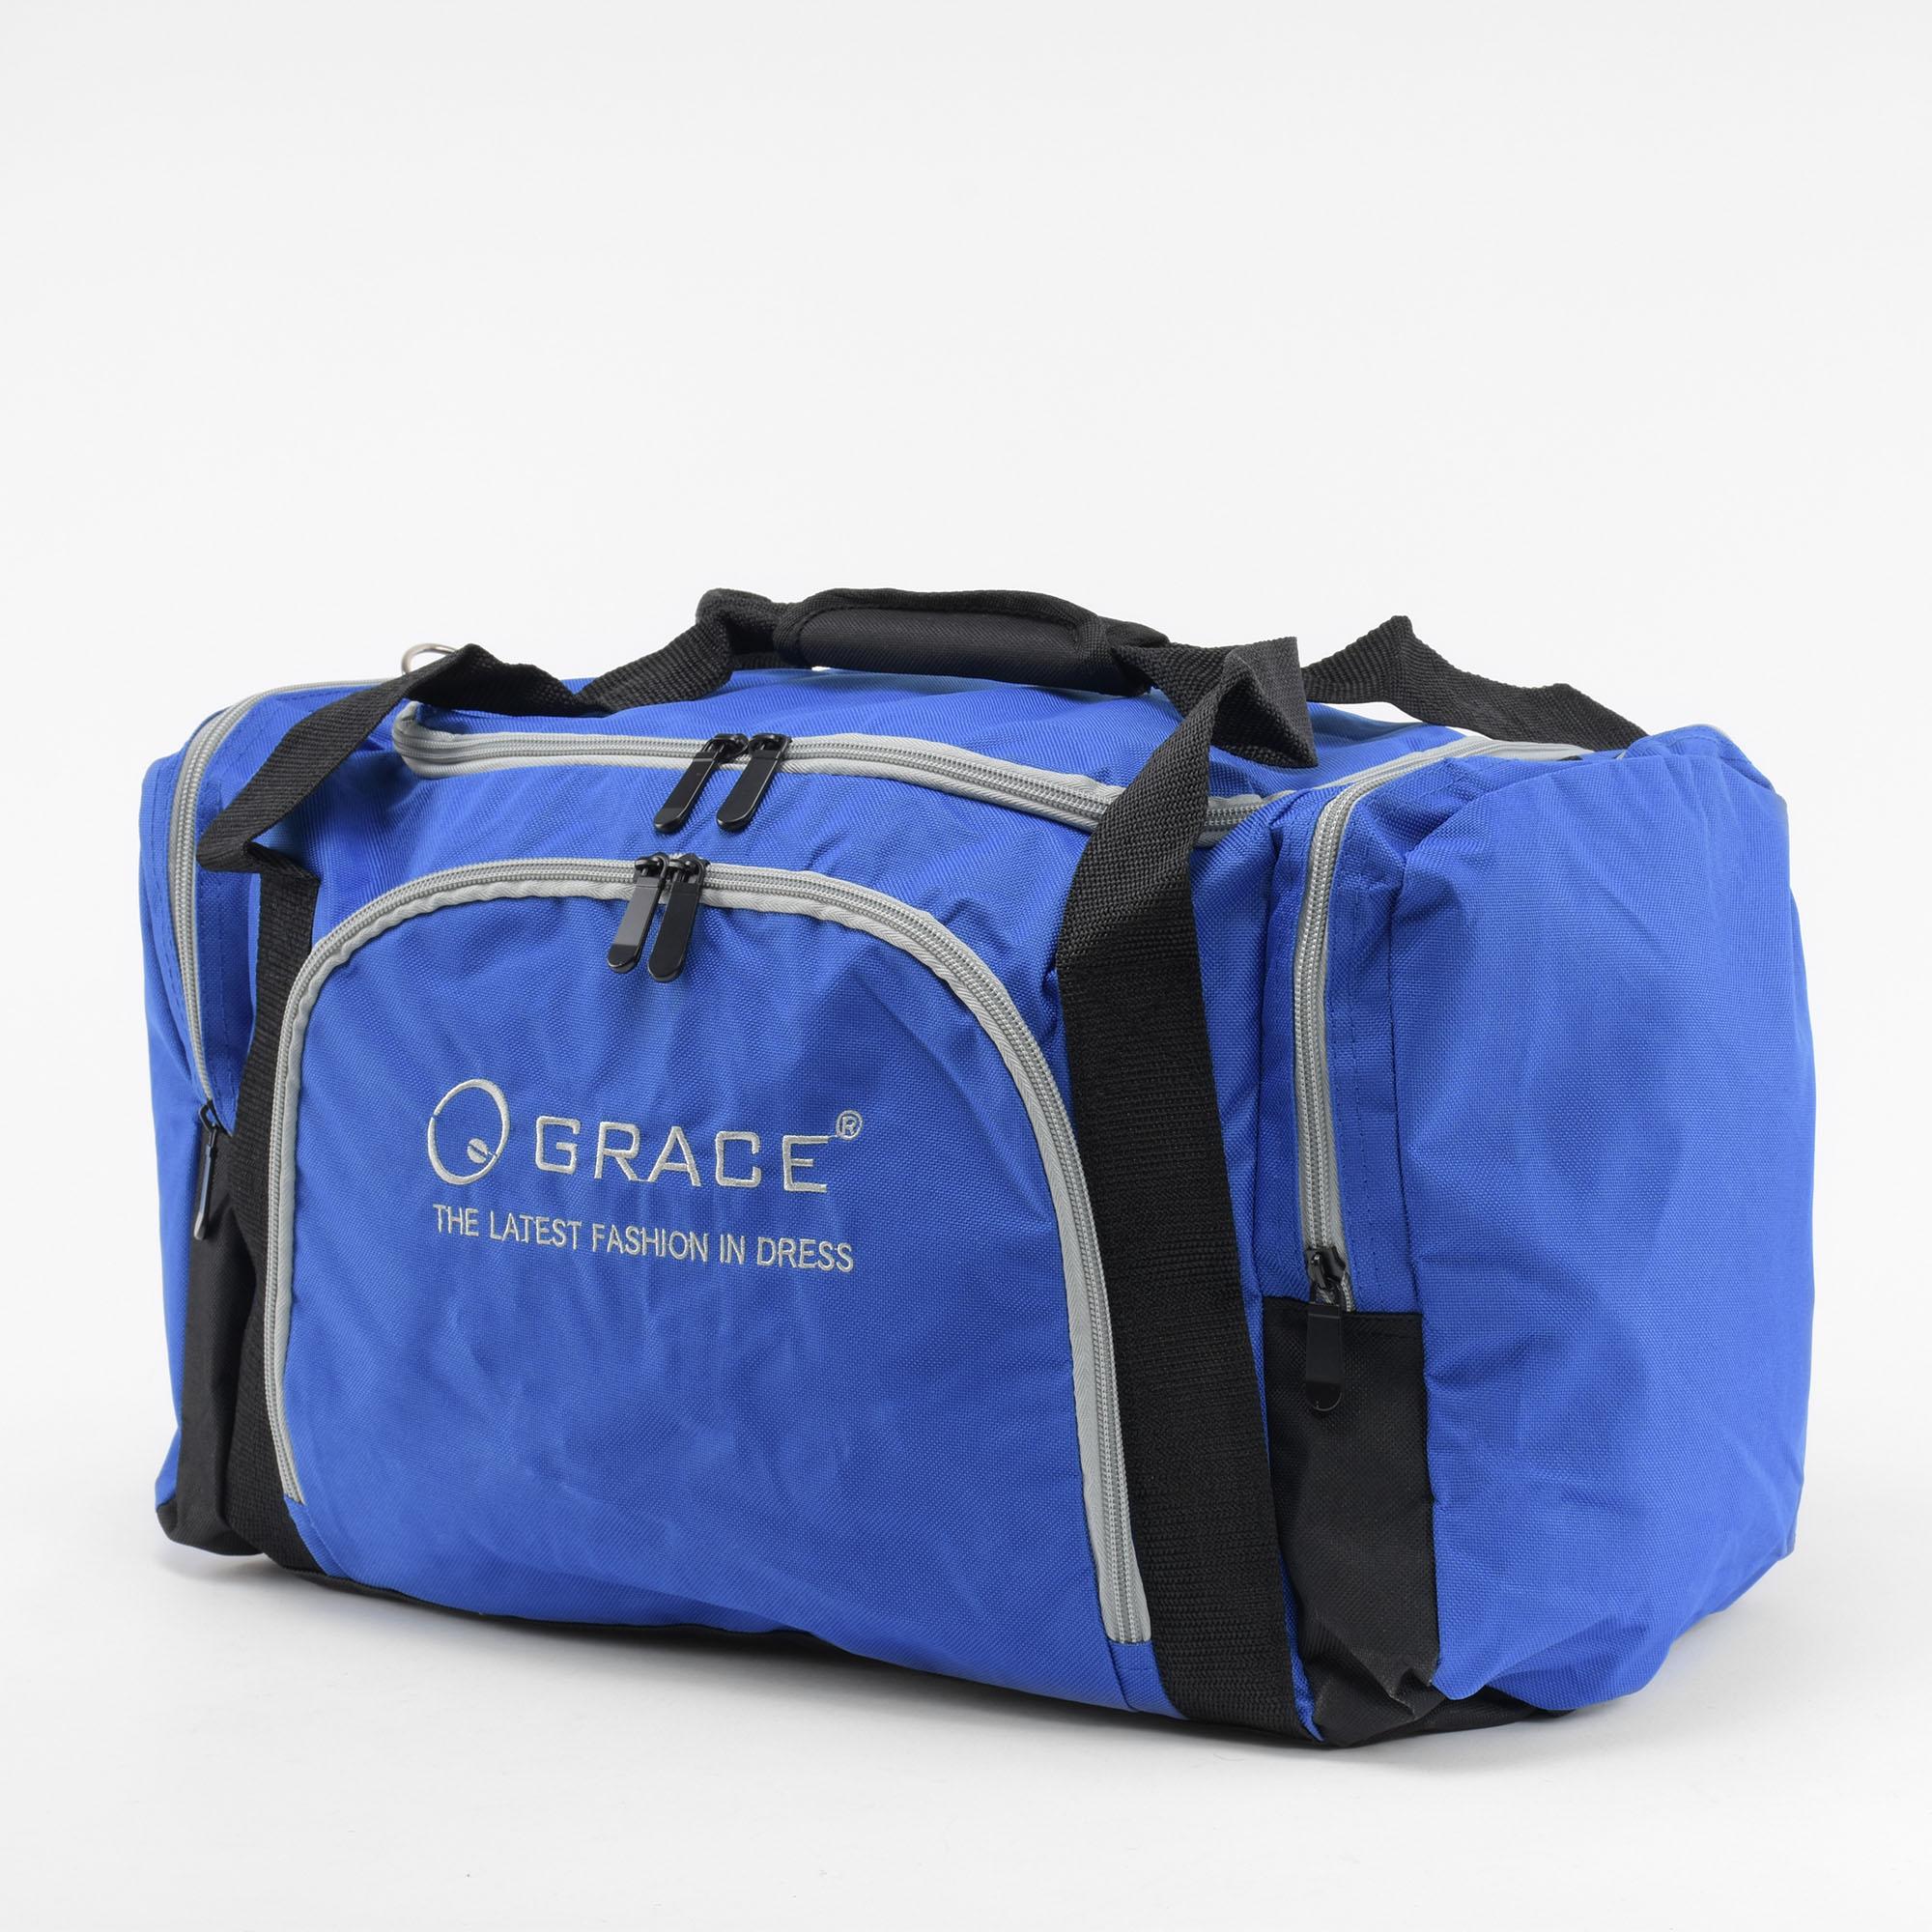 381d8d6d7146 Grace Kék-Szürke Poliészter Sporttáska - SPORTTÁSKÁK - Táska webáruház -  Minőségi táskák mindenkinek